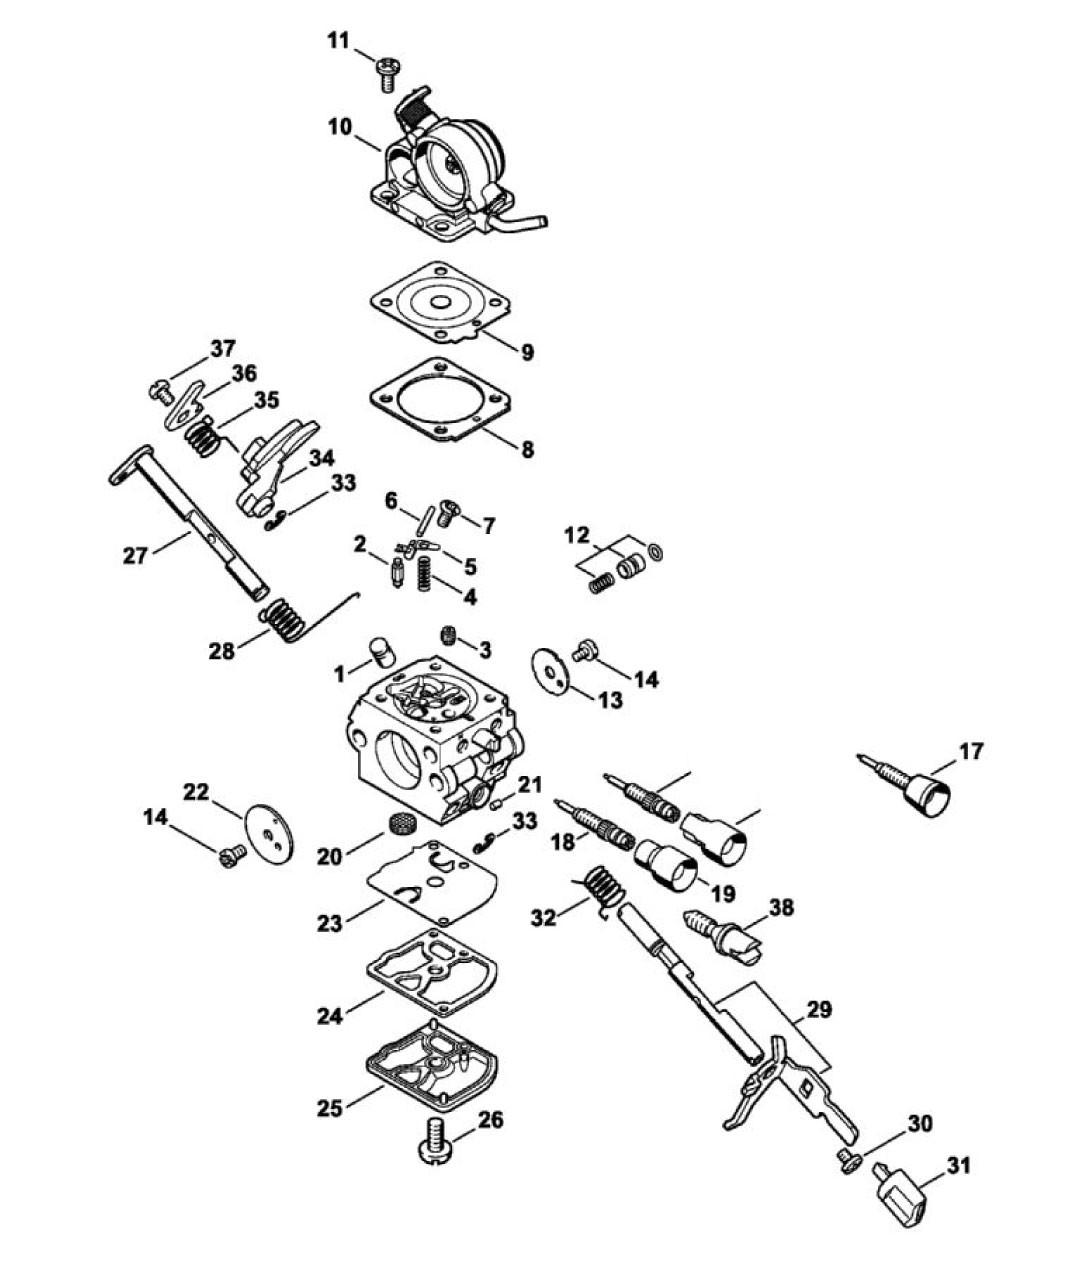 carburateur c1q-s120 - pièce détachée stihl / vicking